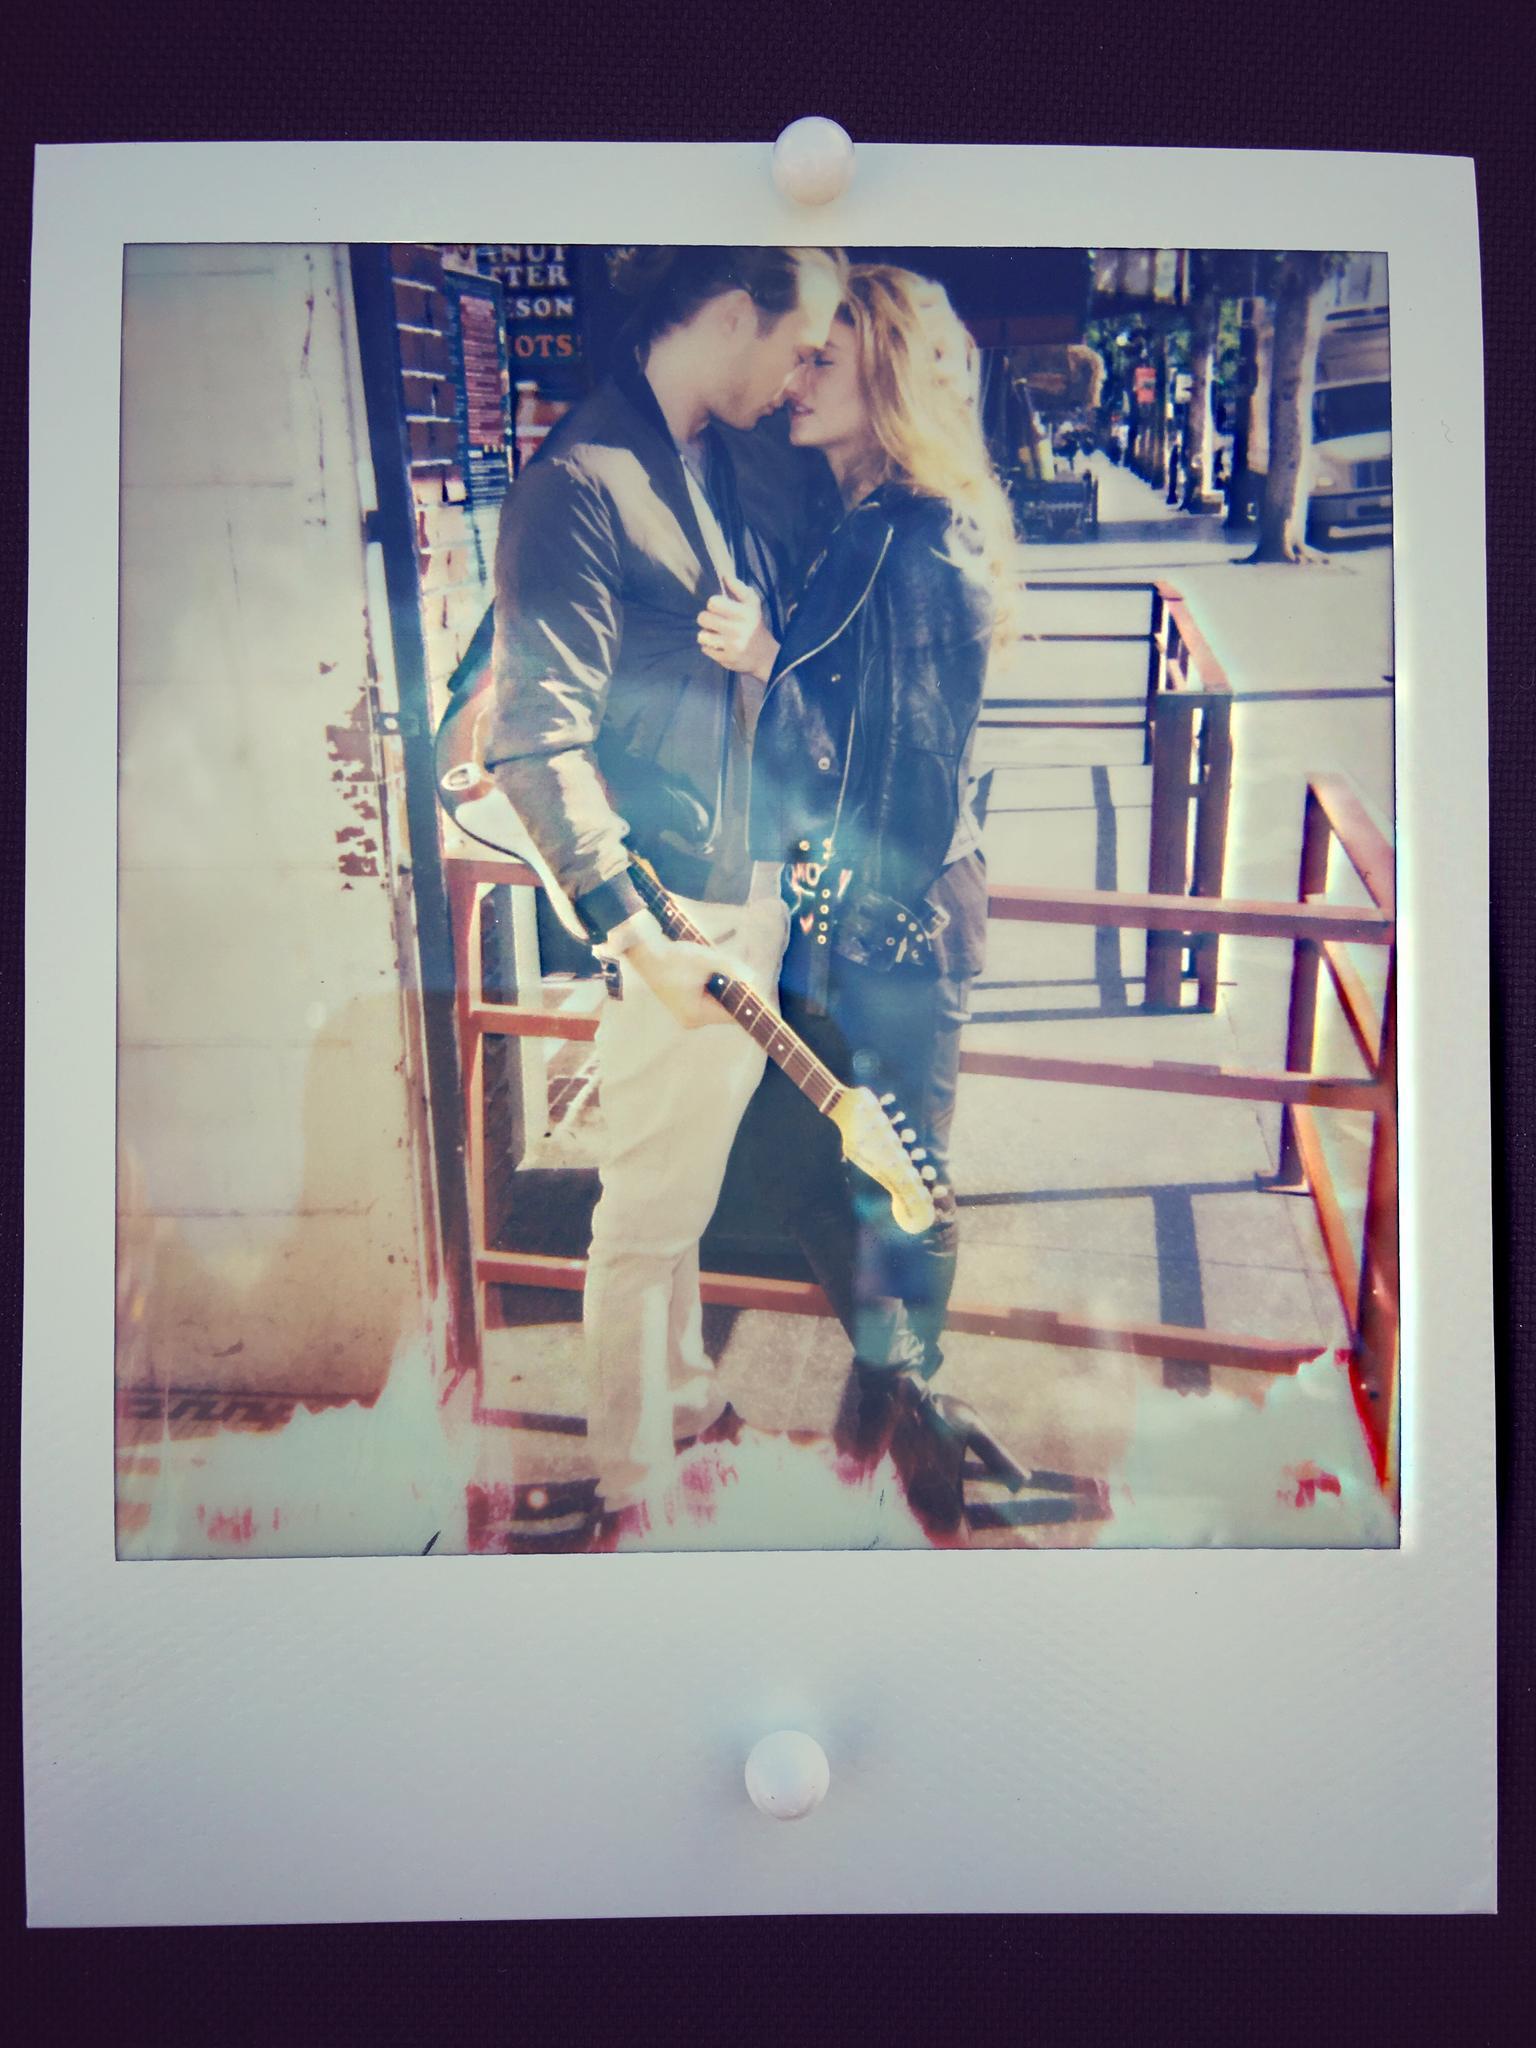 Bei der Challenge am Tag vor dem Male-Model-Shooting entsteht dieses Polaroid von Carina und einem Passanten, das bisher noch nie veröffentlicht wurde.